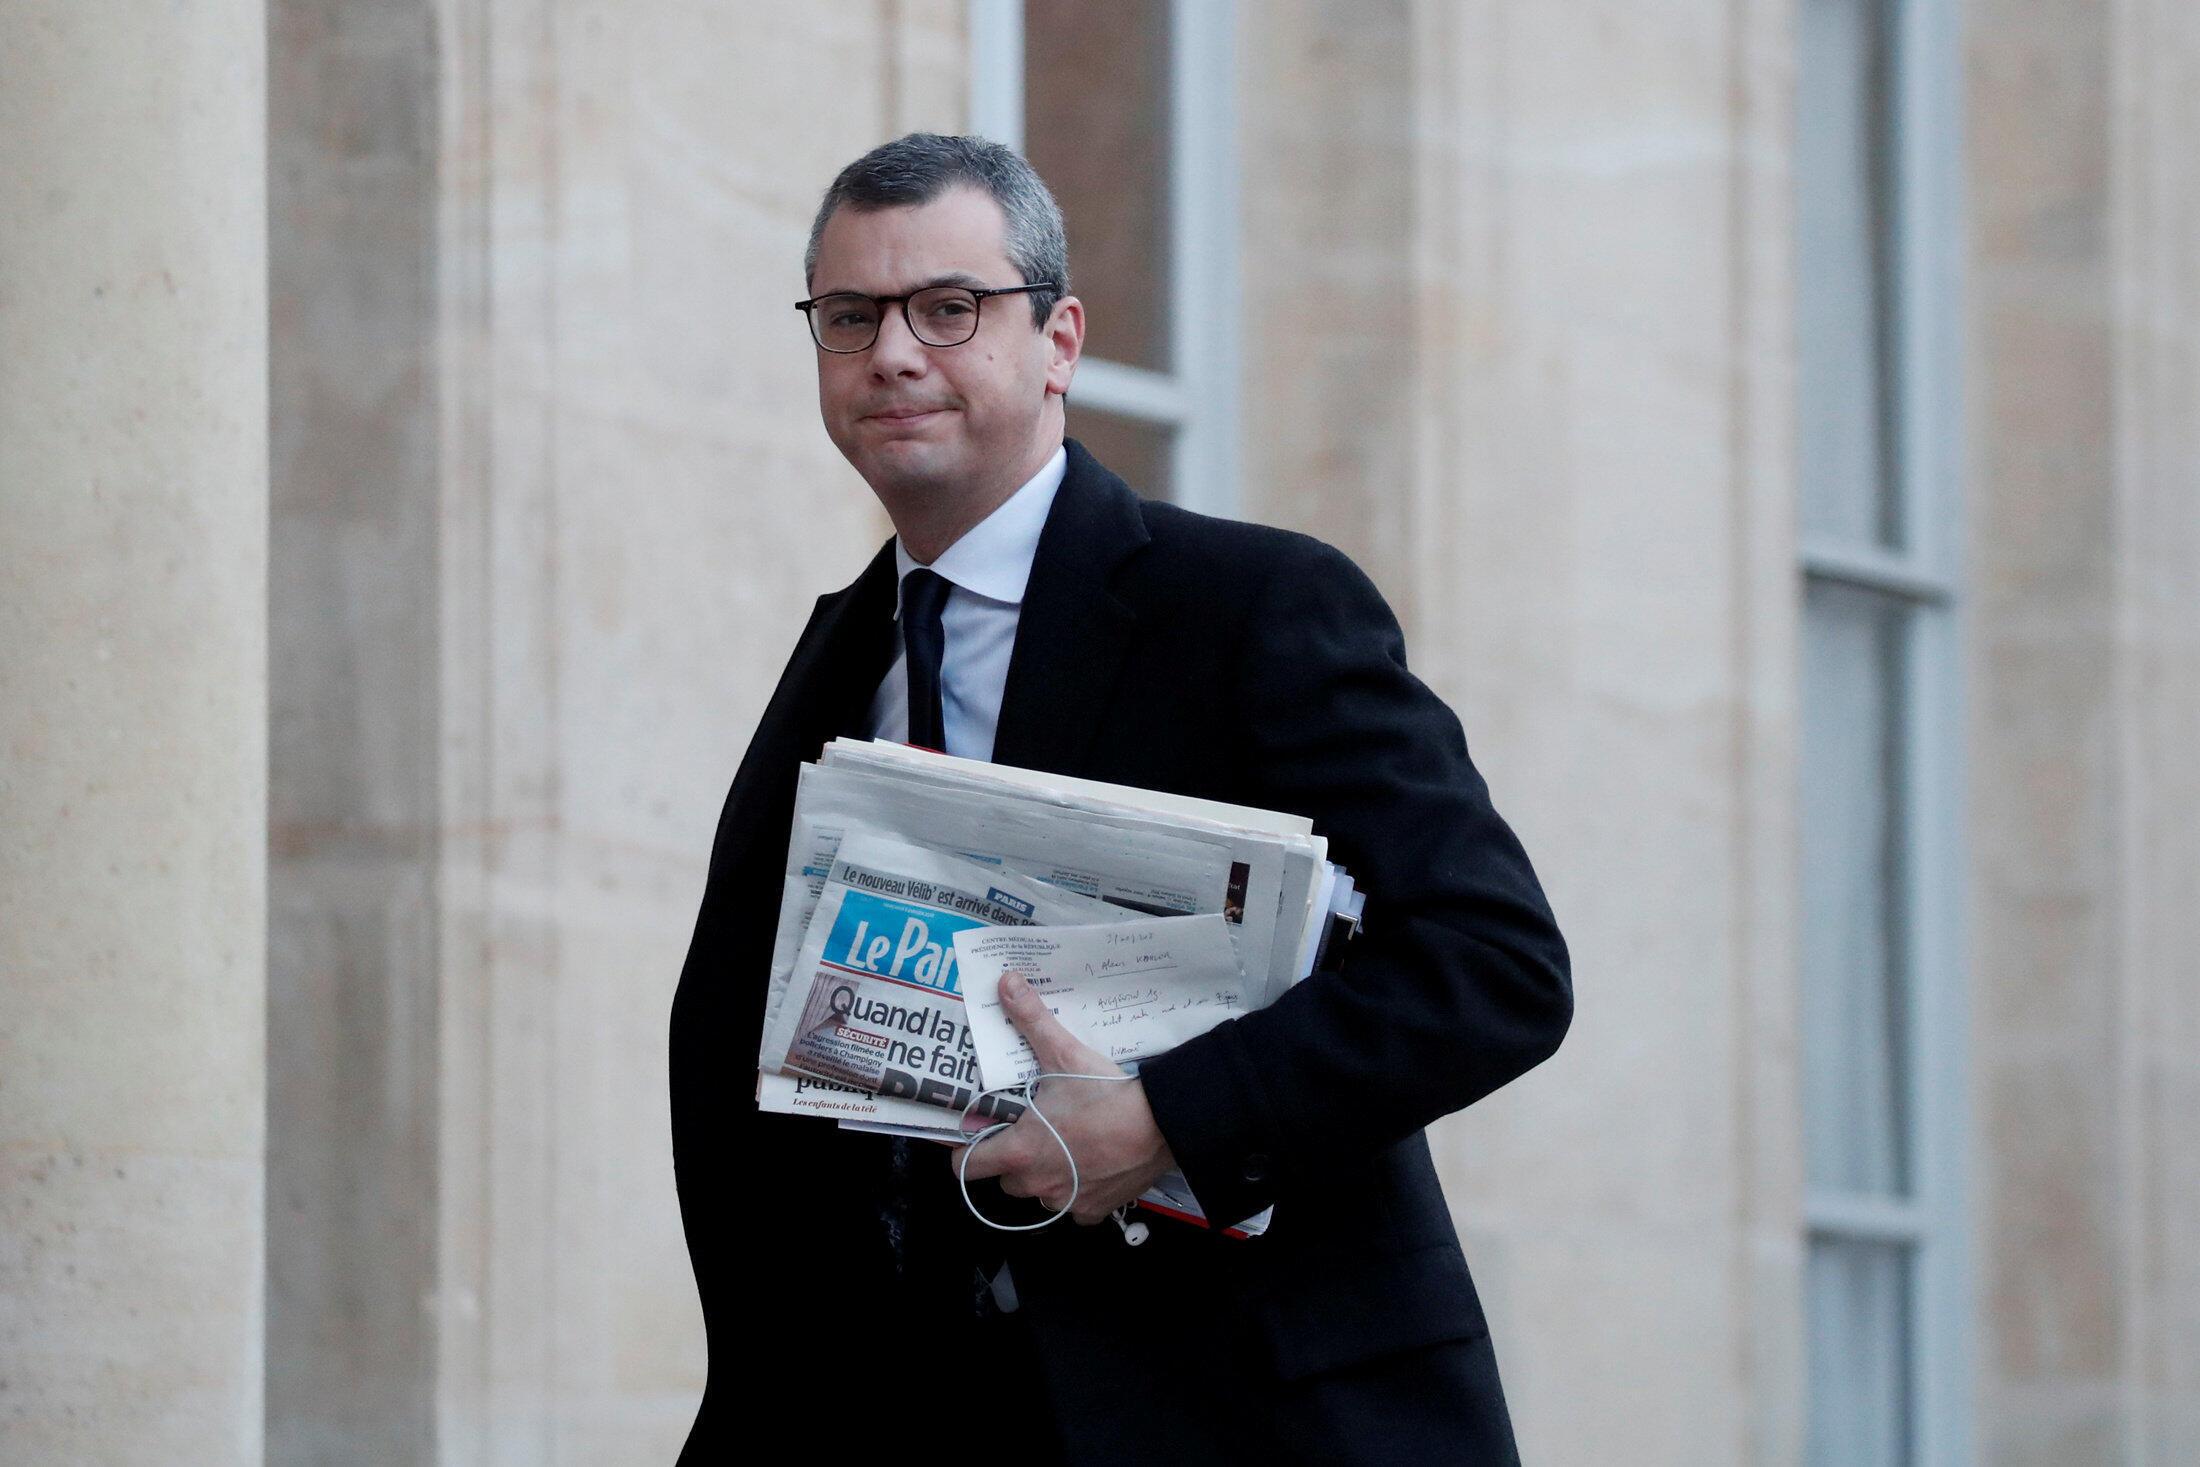 Alexis Kohler, secretário-geral do Palácio do Eliseu, é alvo de denúncia de corrupção passiva e tráfico de influência.